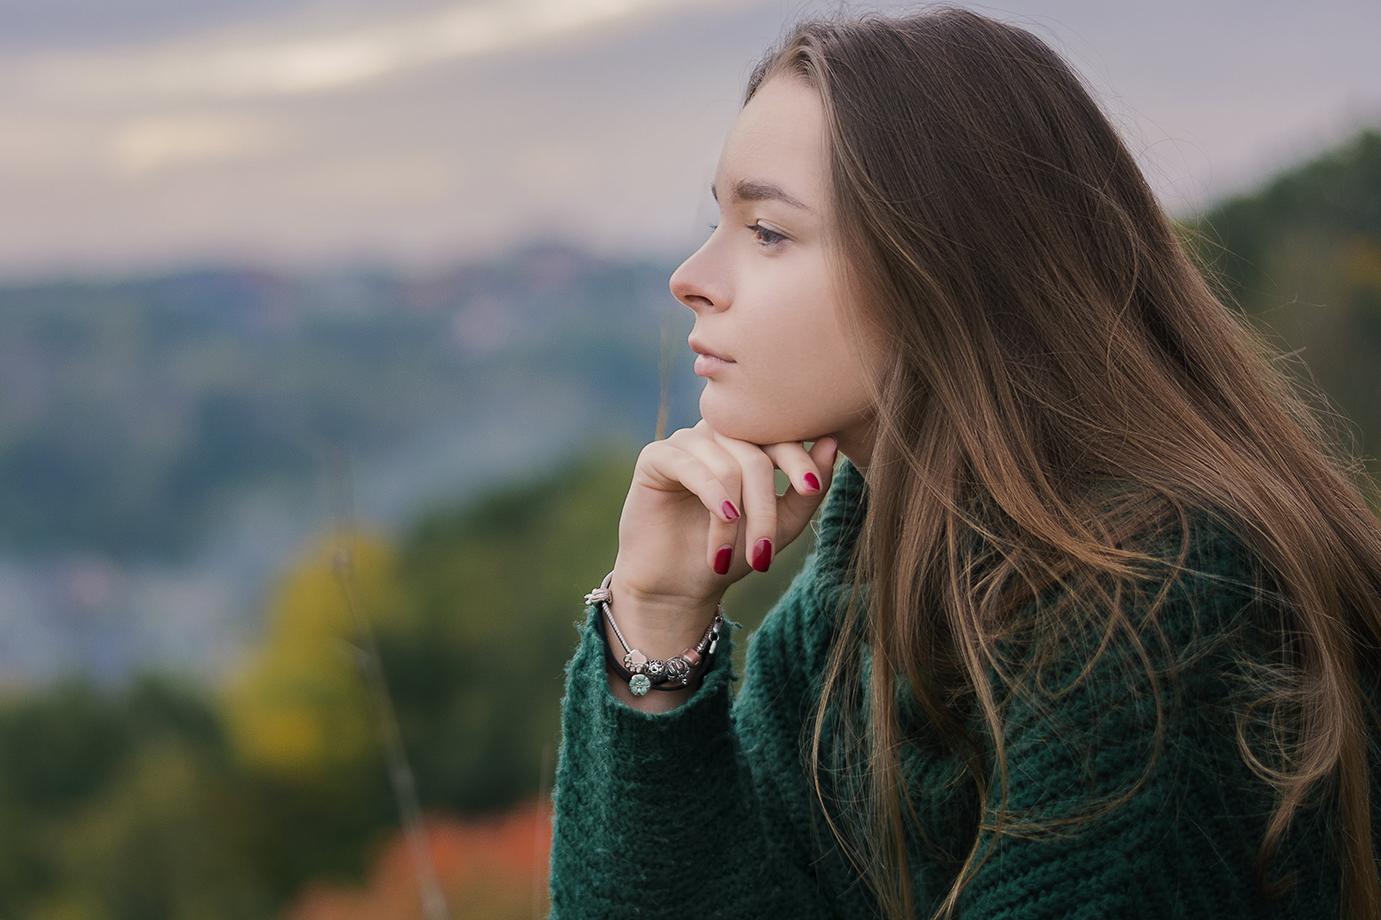 Полина Носыхина. Биография. Фильмы, мама, парень, возраст, рост, ве, инстаграм, вк, интервью